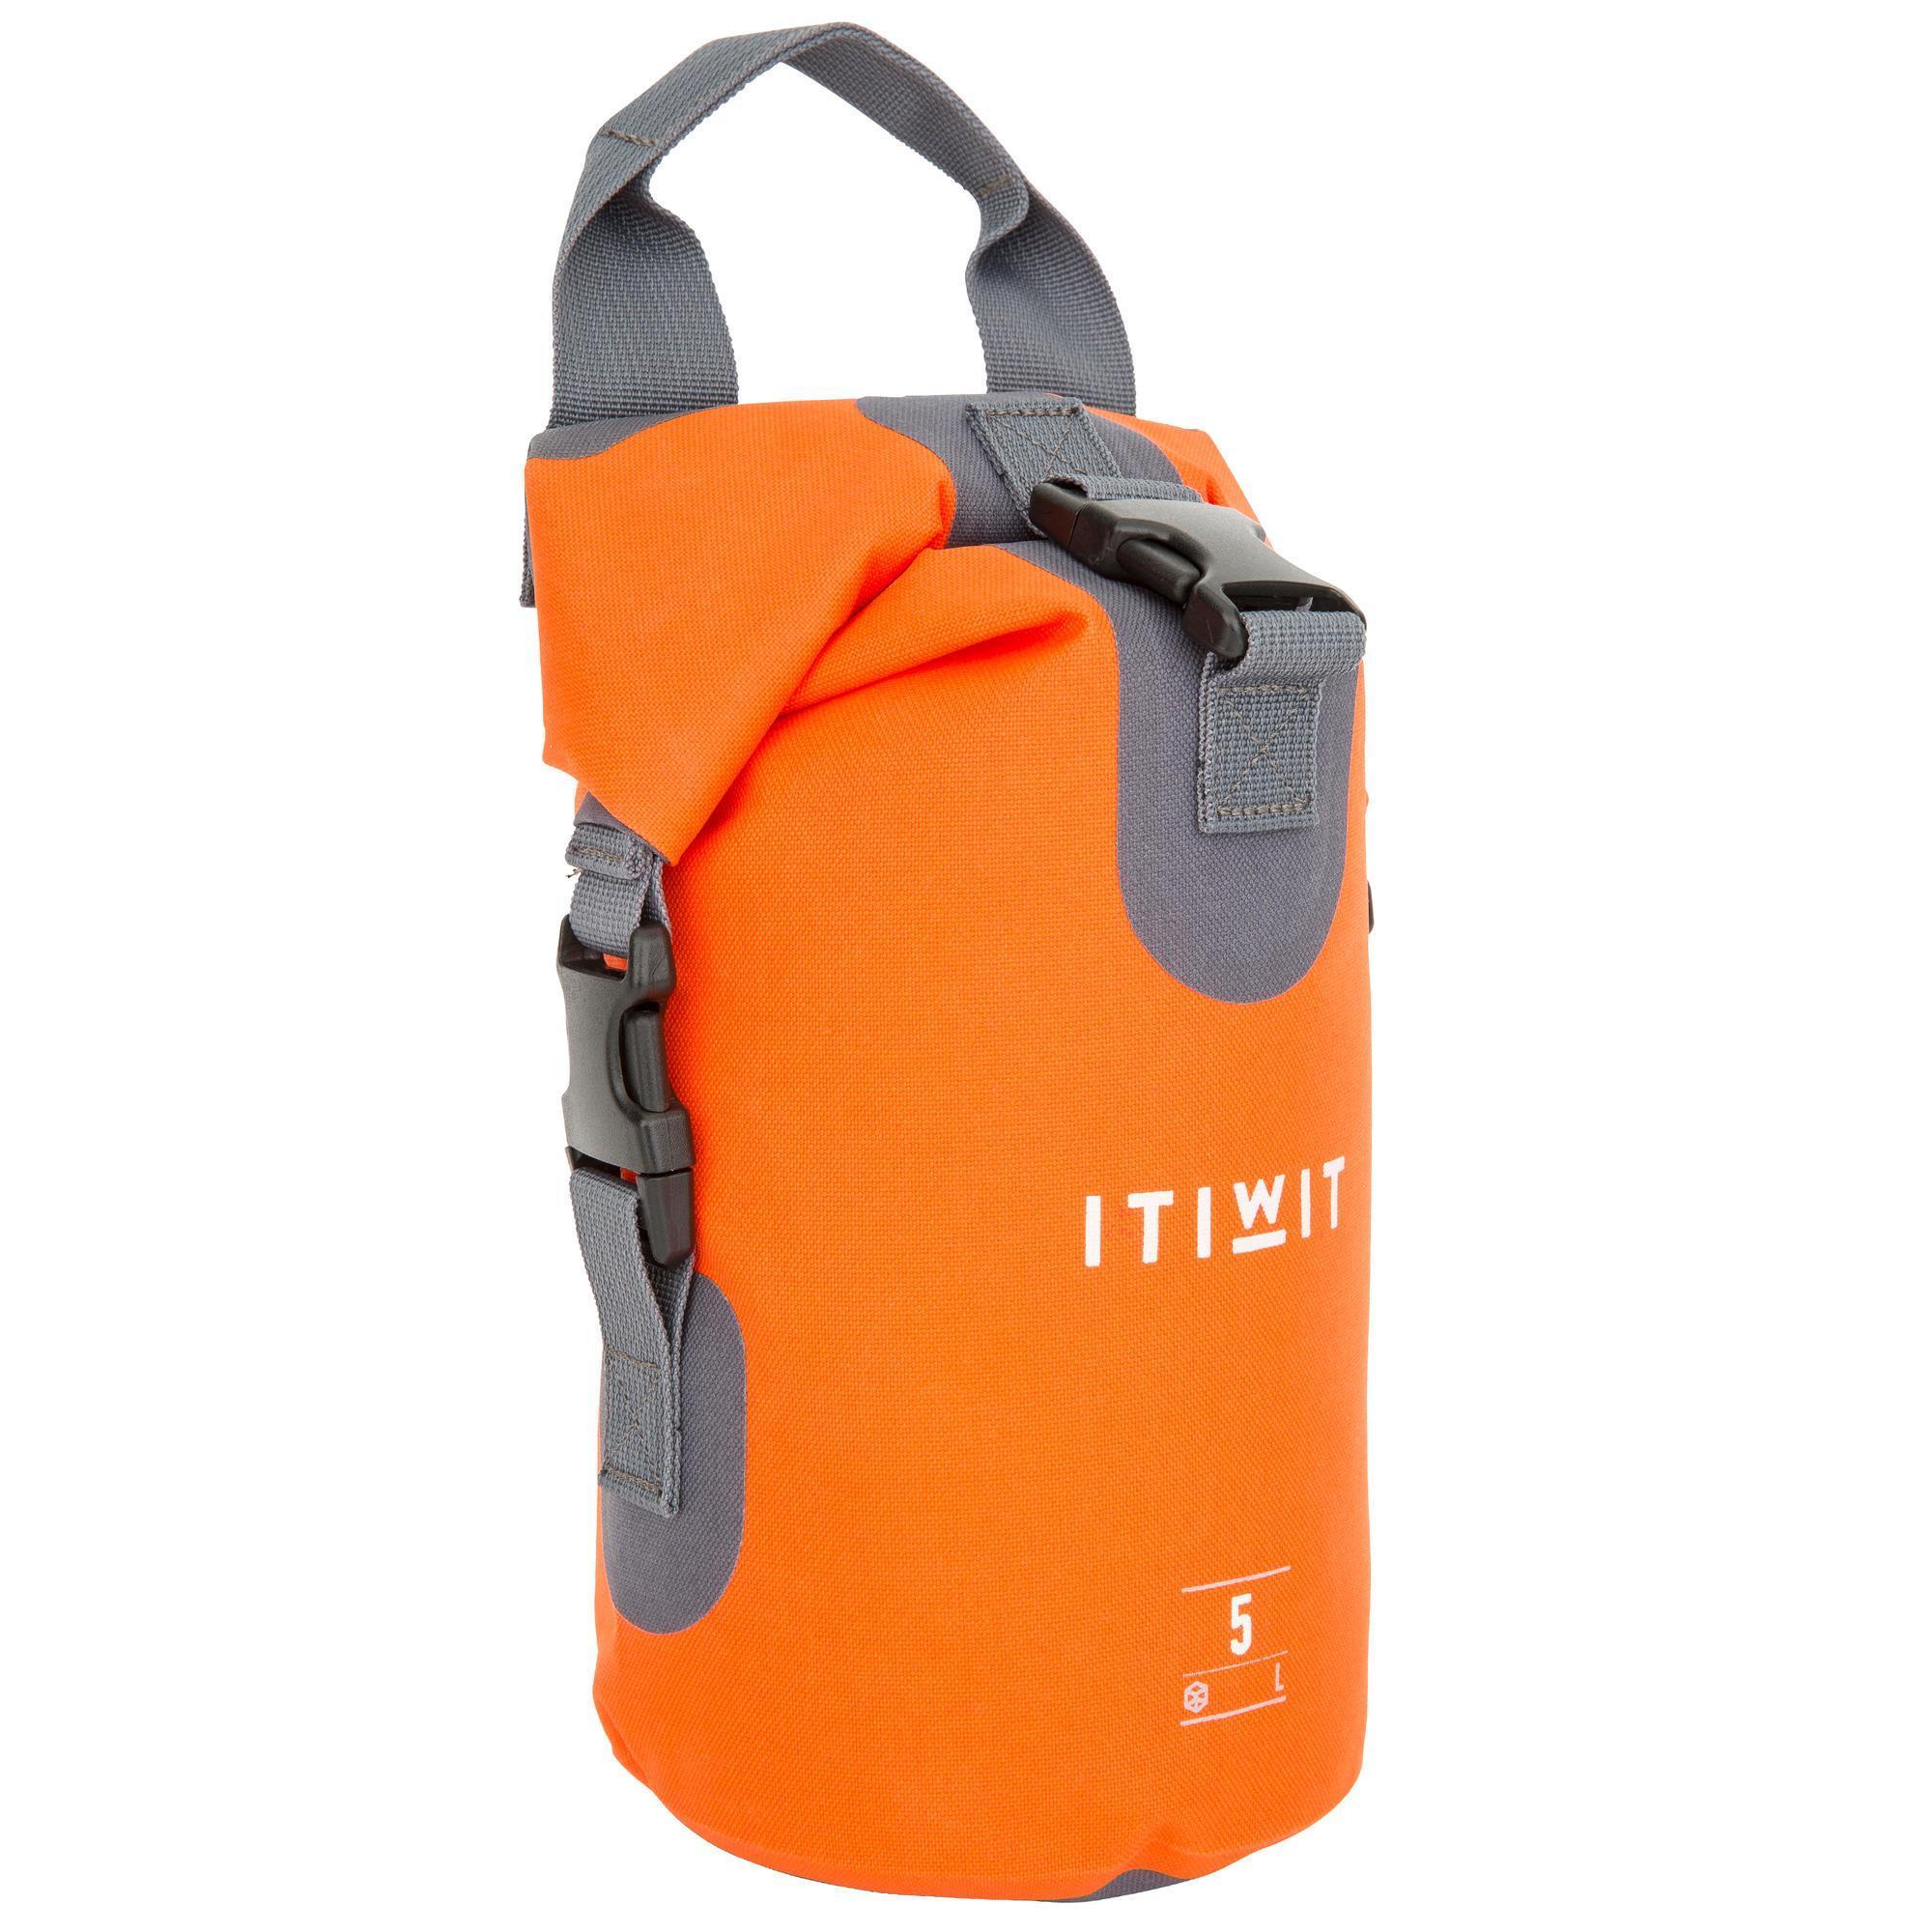 Comprar Bolsas y Bidones Estancos Kayak Online  1ca7a04362372